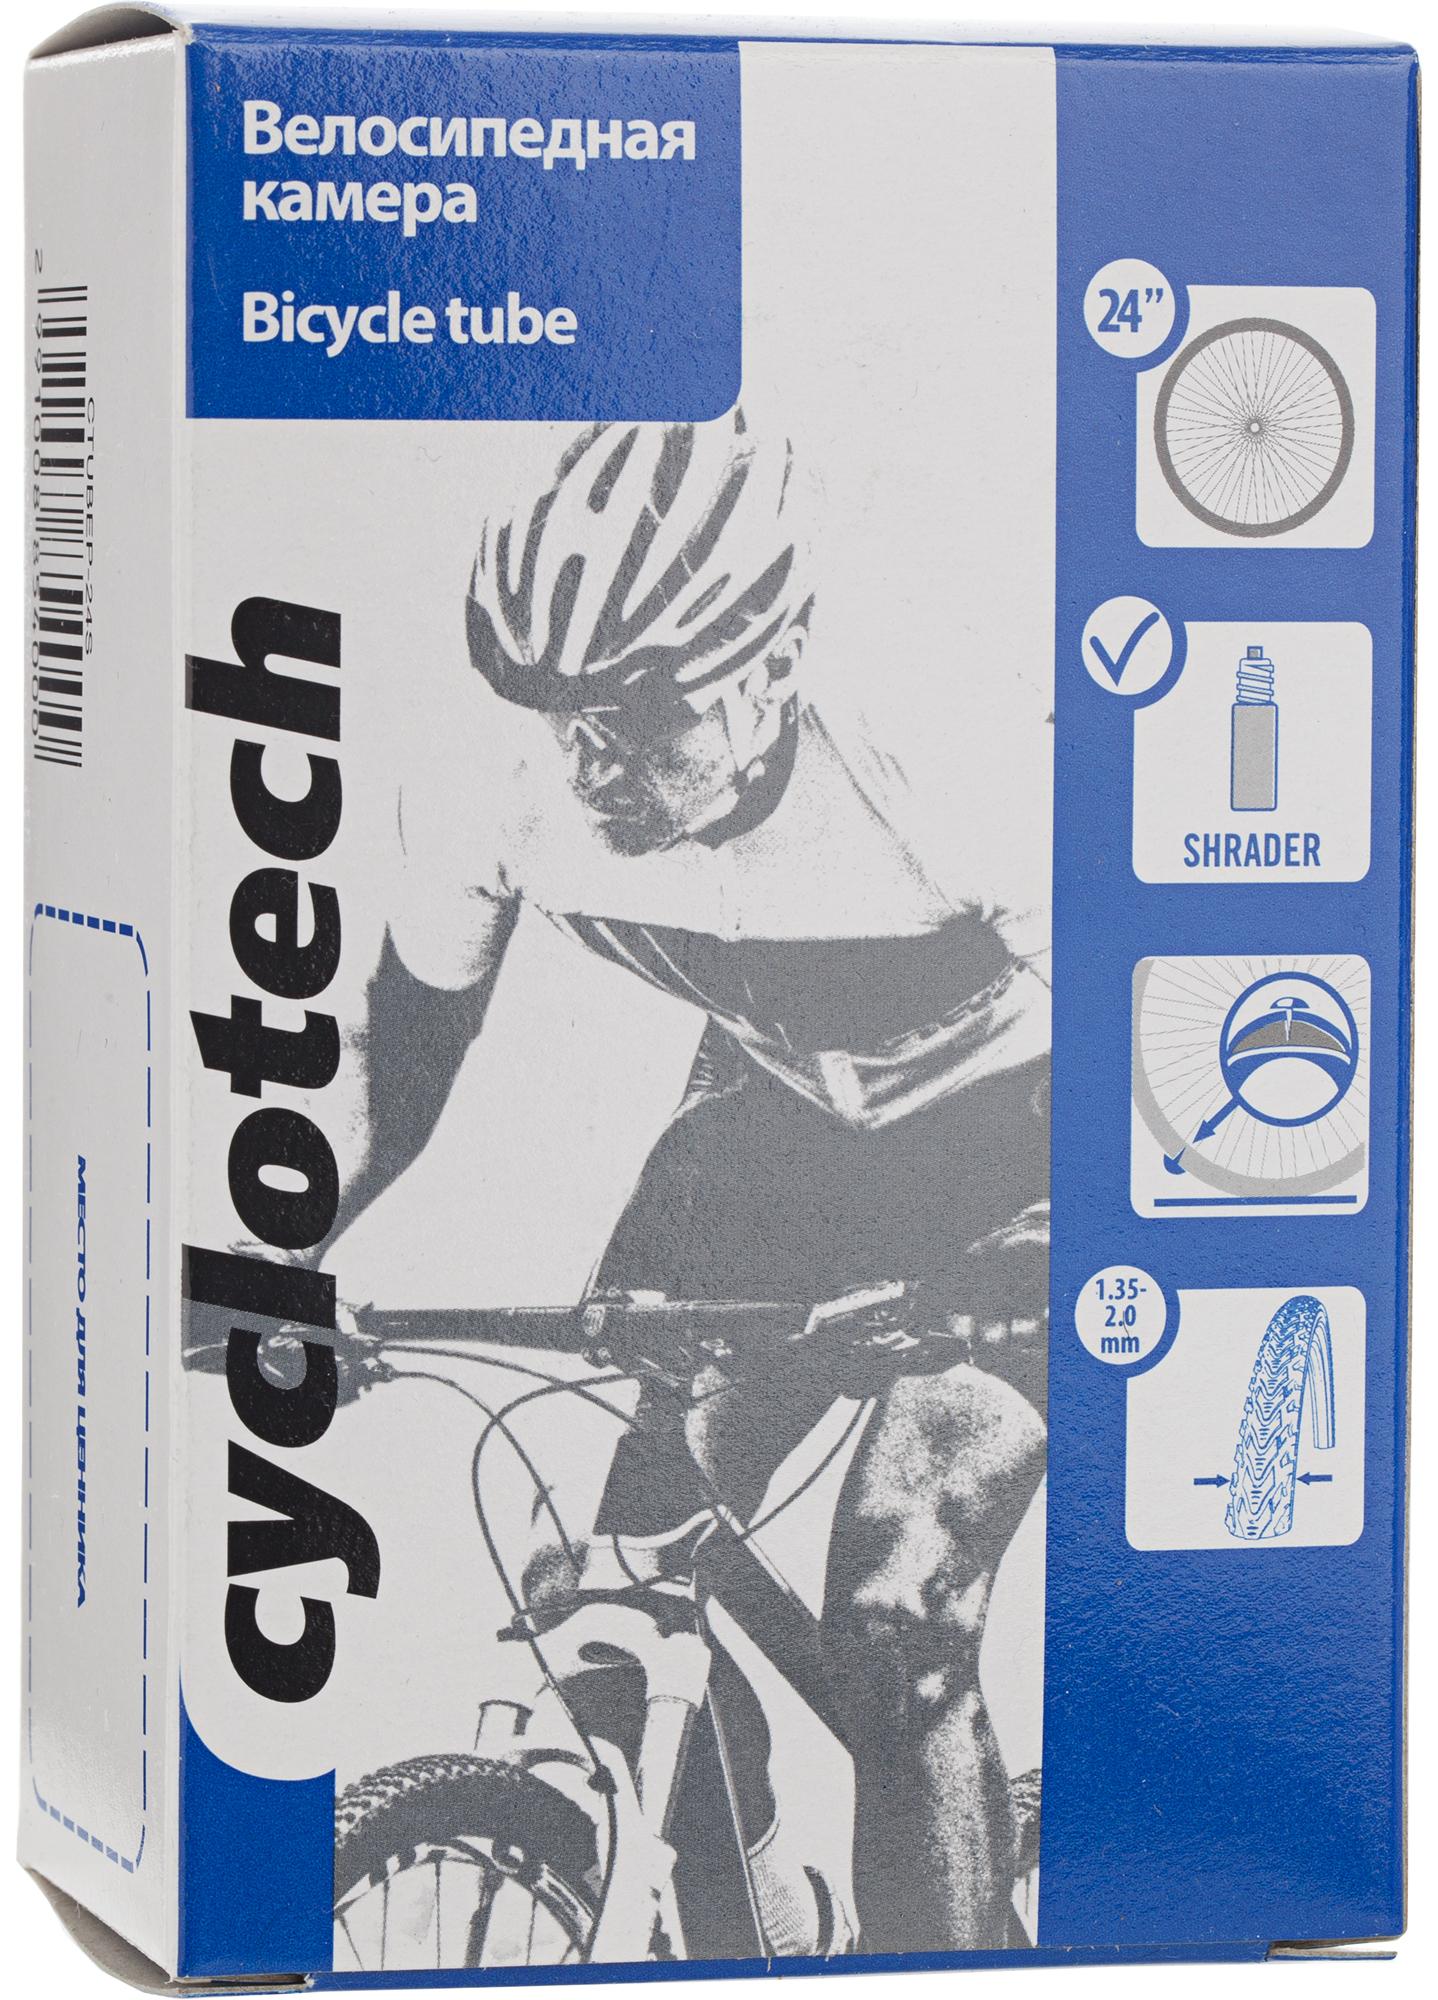 Cyclotech Камера Cyclotech 24'', автониппель велосипедная покрышка mitas 26x2 52 559 cityhopper grey